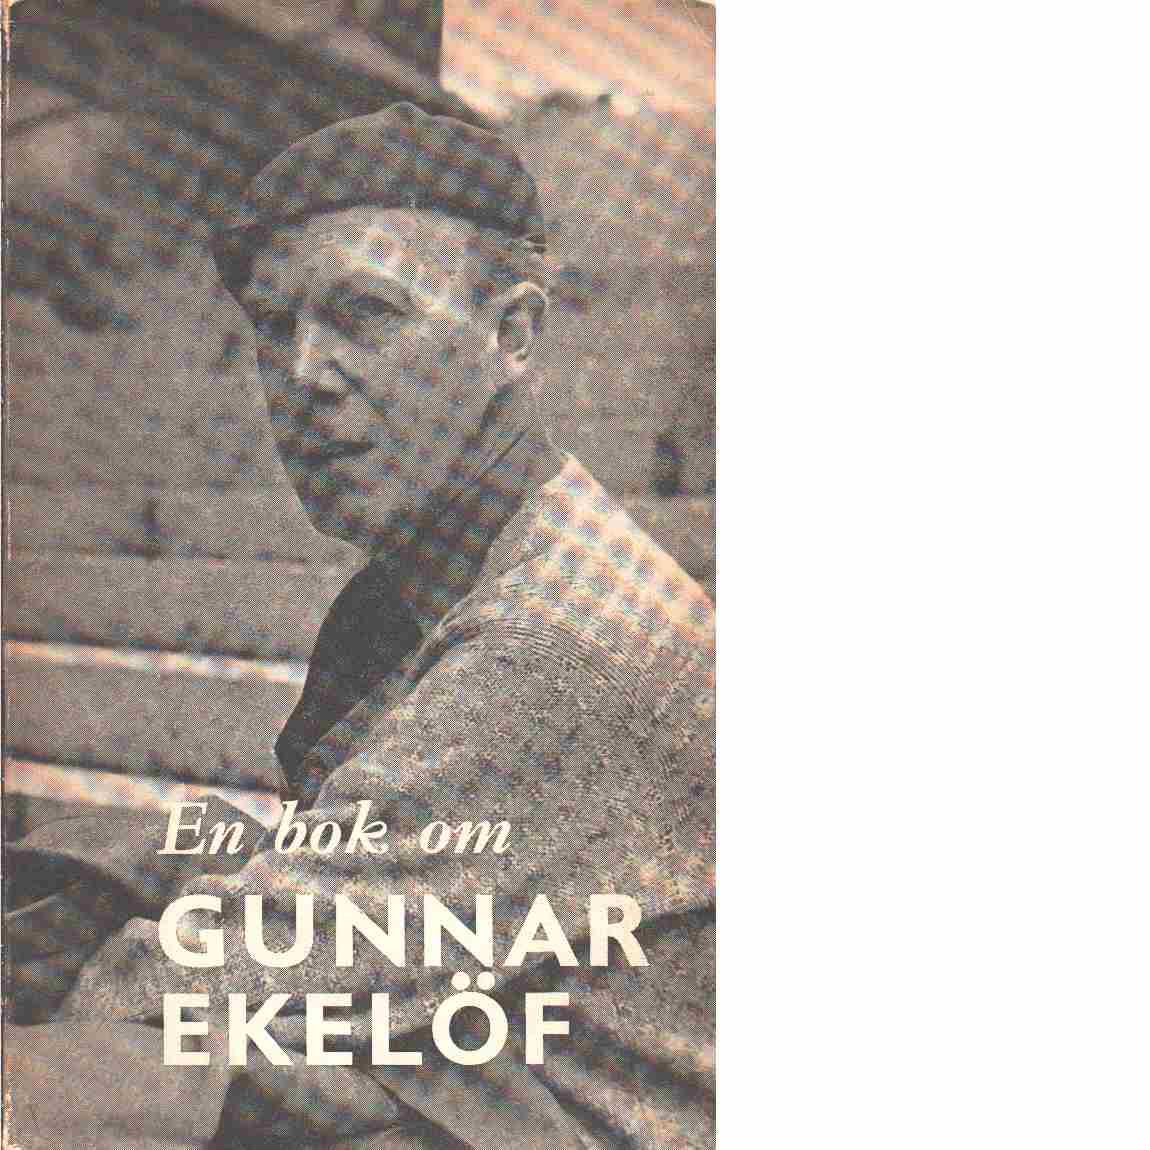 En bok om Gunnar Ekelöf - Red.